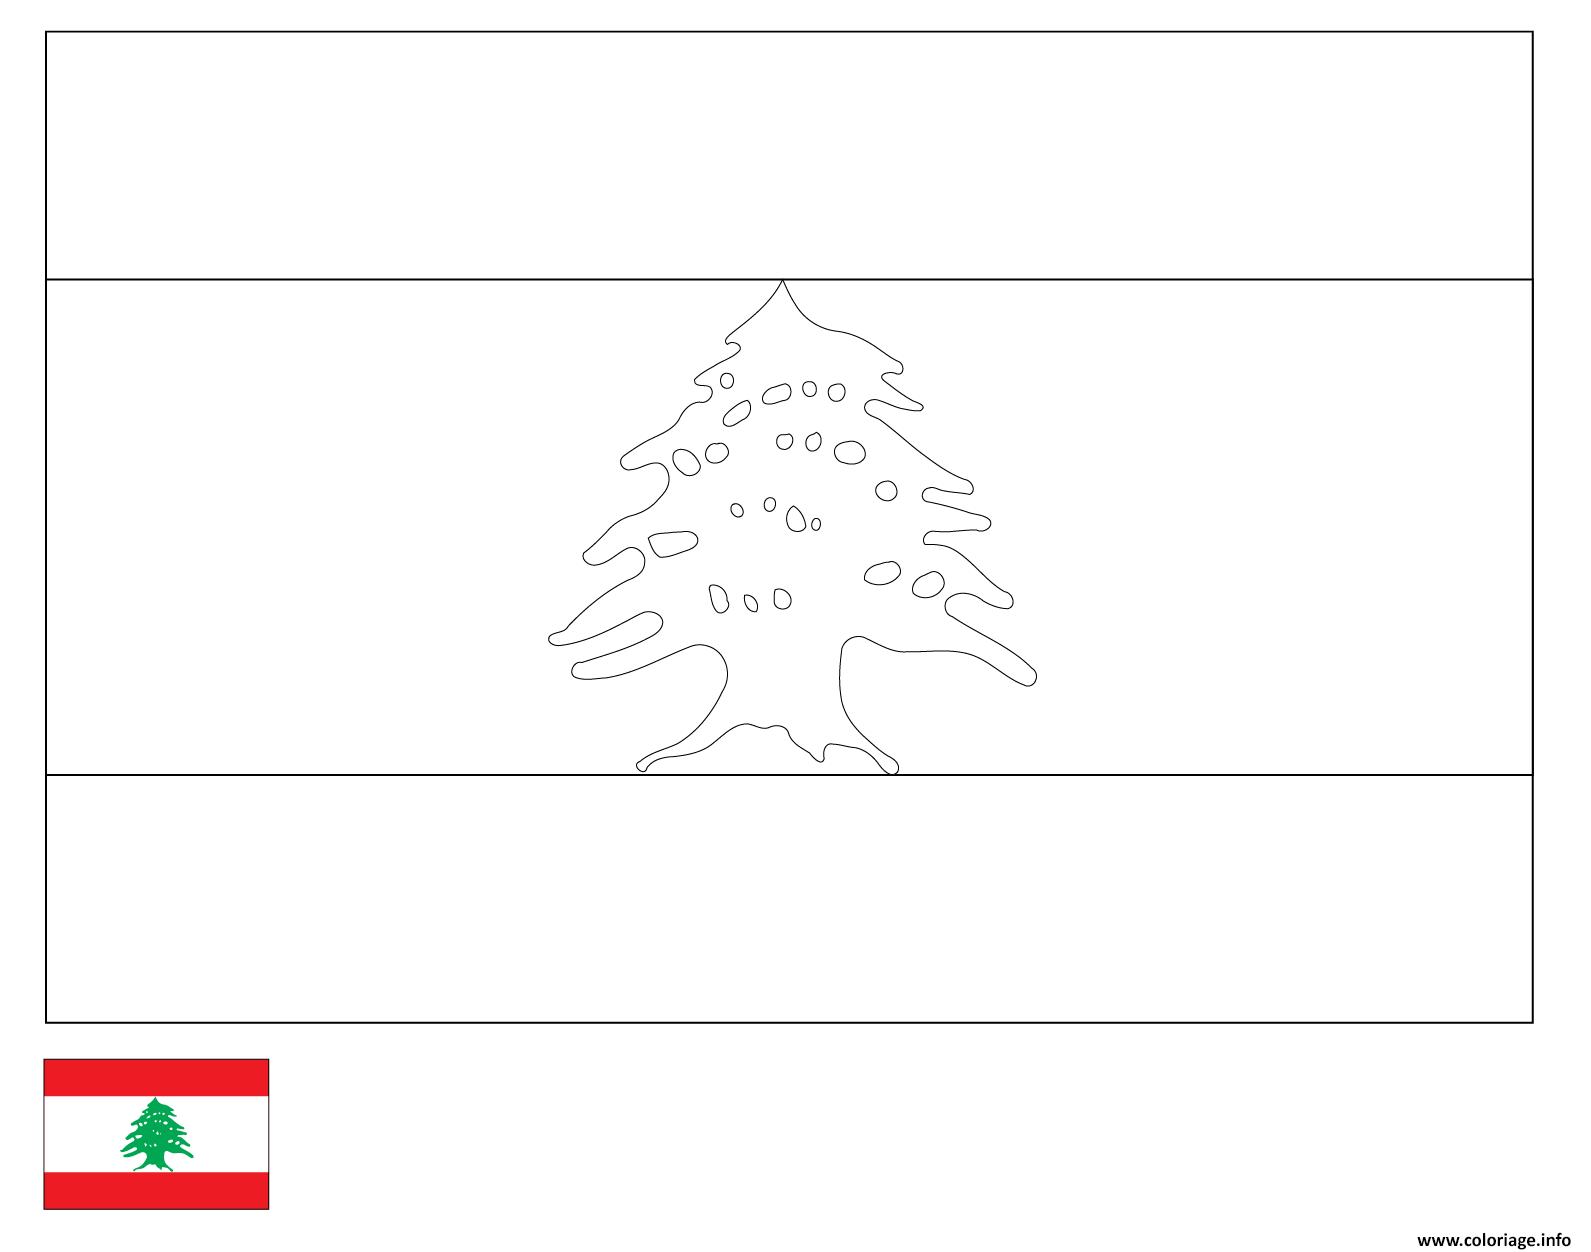 Dessin drapeau liban Coloriage Gratuit à Imprimer